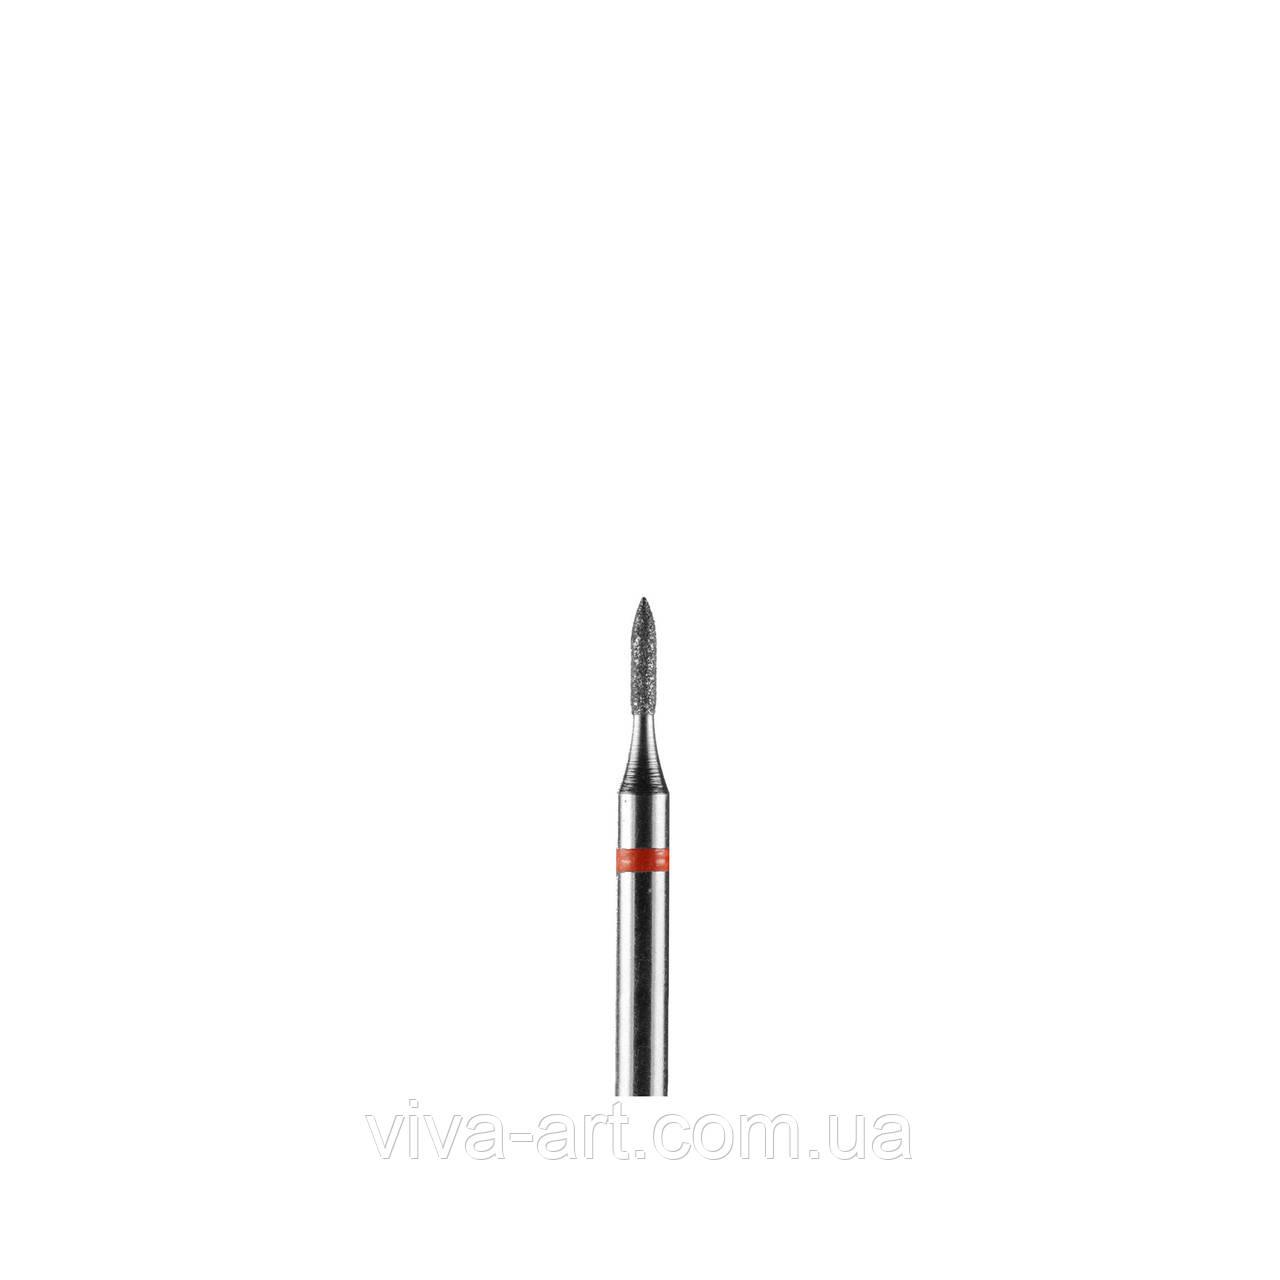 Алмазна насадка піку малий., 1.2 мм, дрібна абразивність, Diaswiss (Швейцарія)